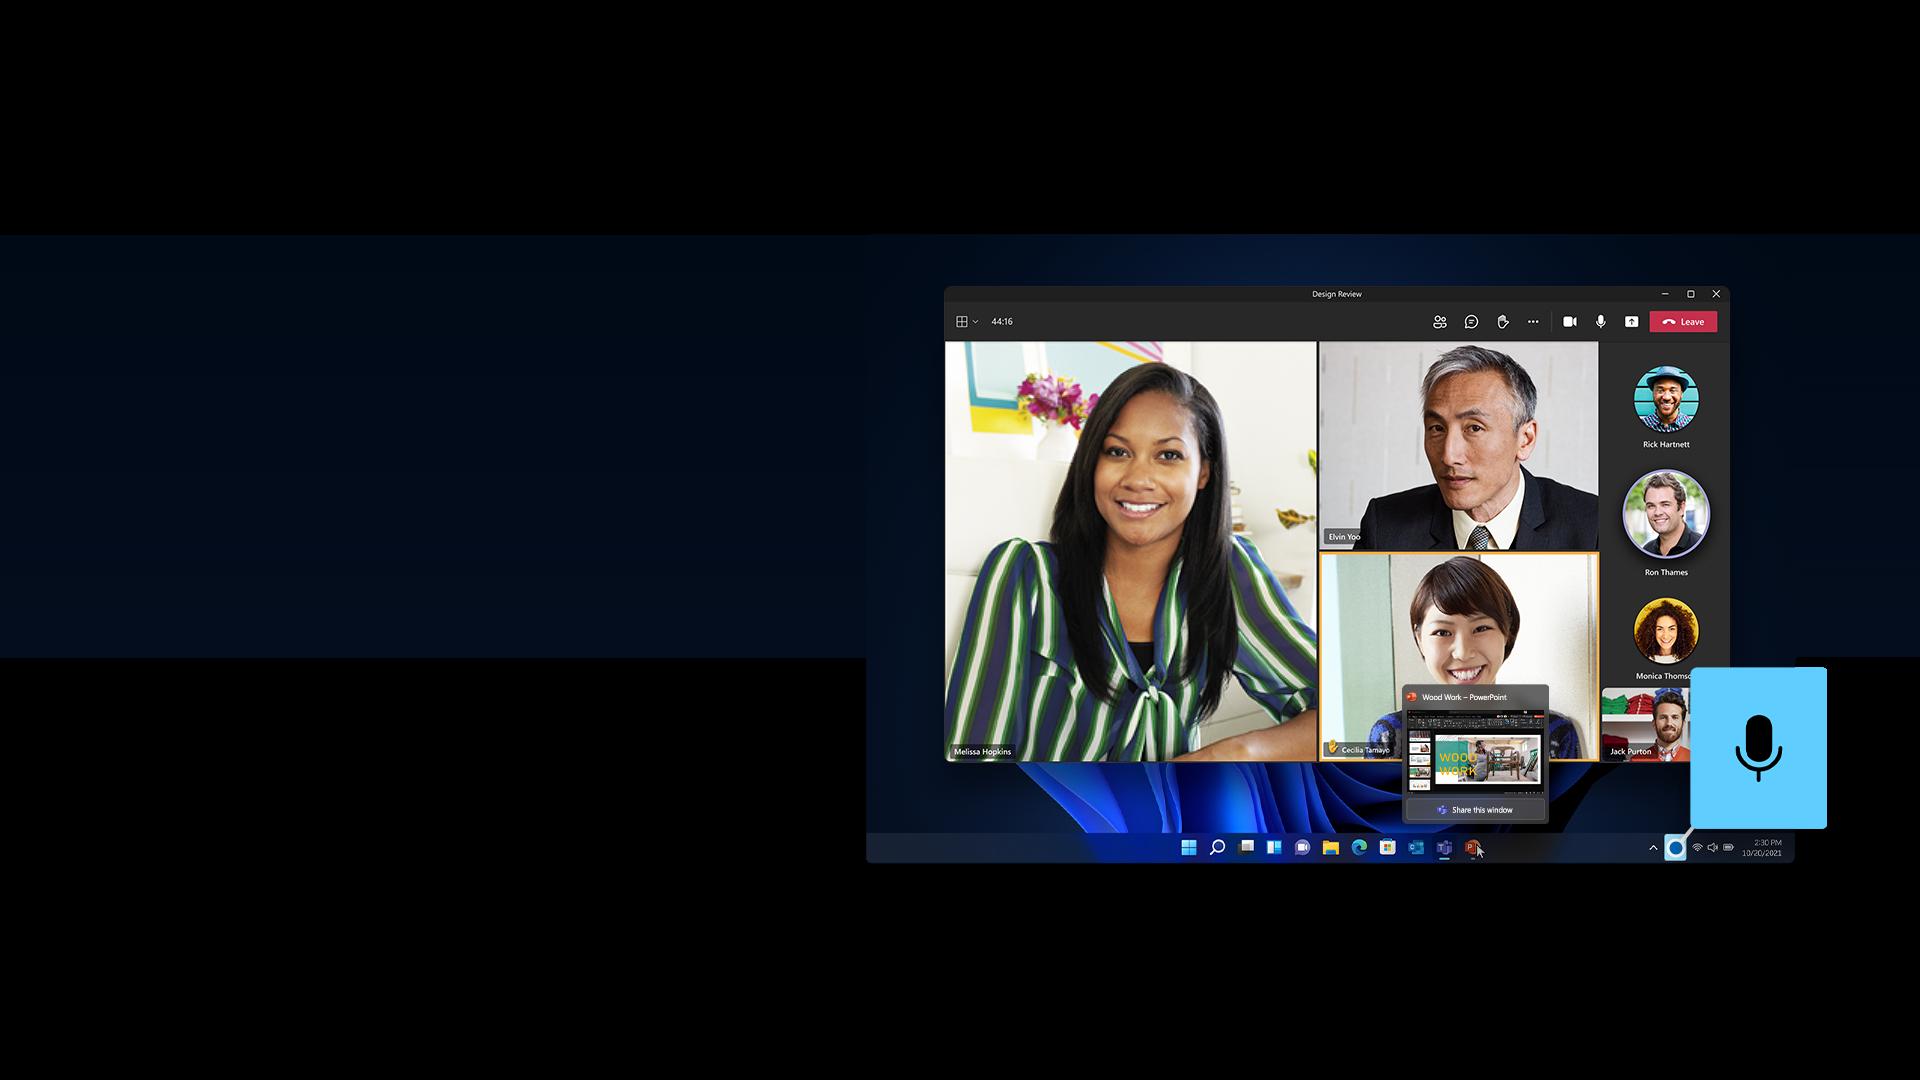 Windows11-Bildschirm mit Microsoft Teams und PowerPoint und universeller Stummschaltungsfunktion